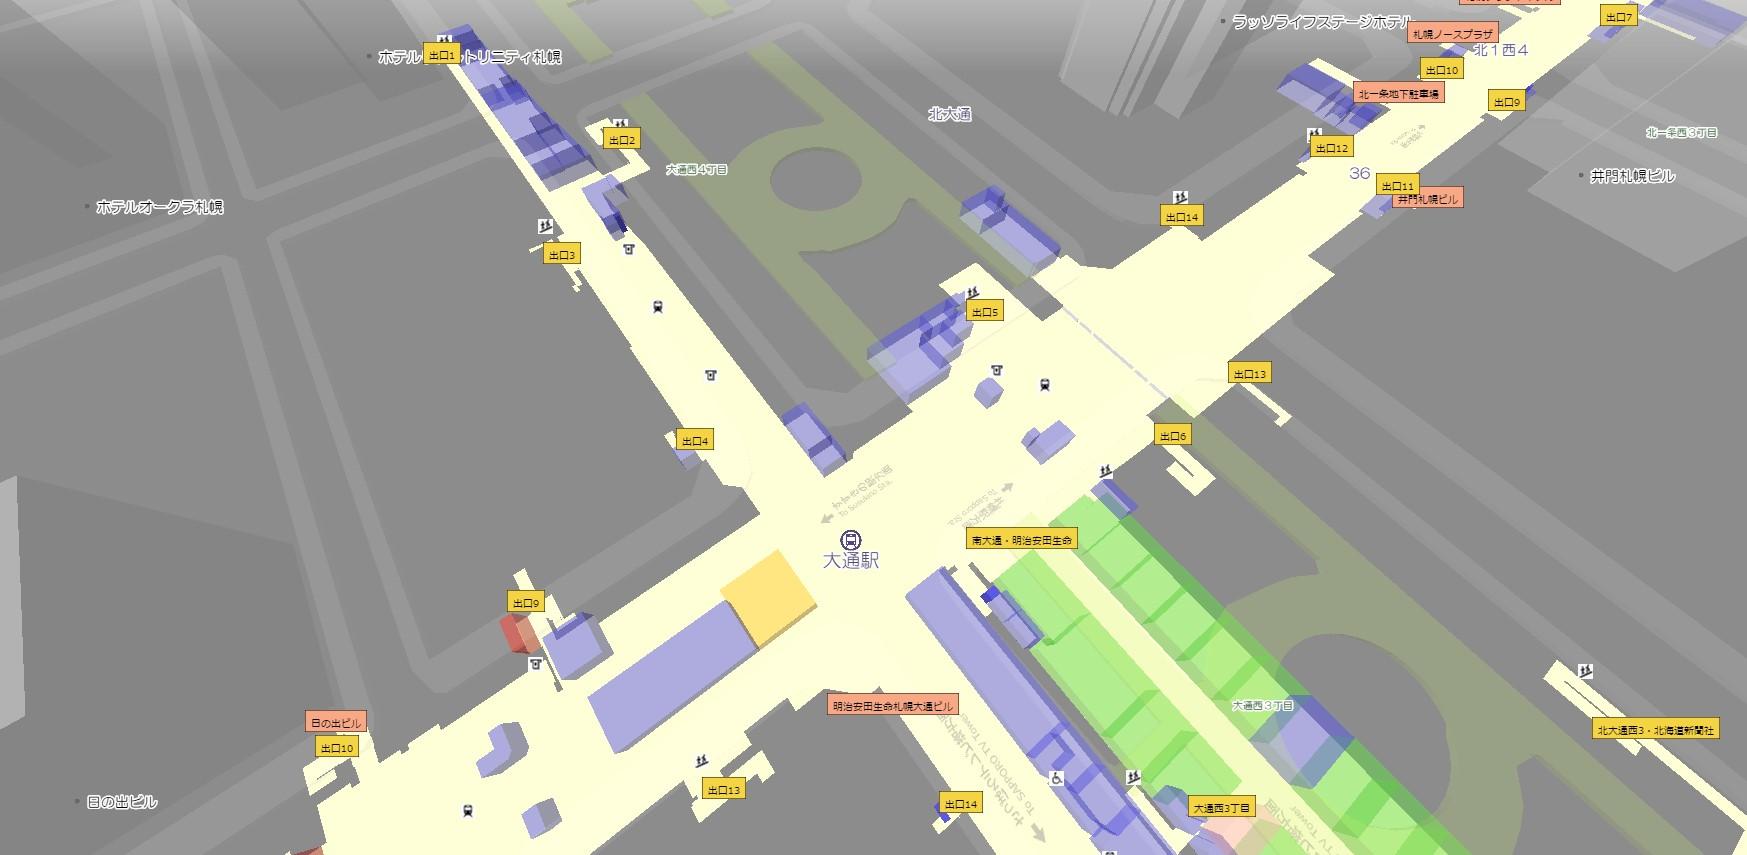 大通り駅付近を地上から見た場合のイメージ